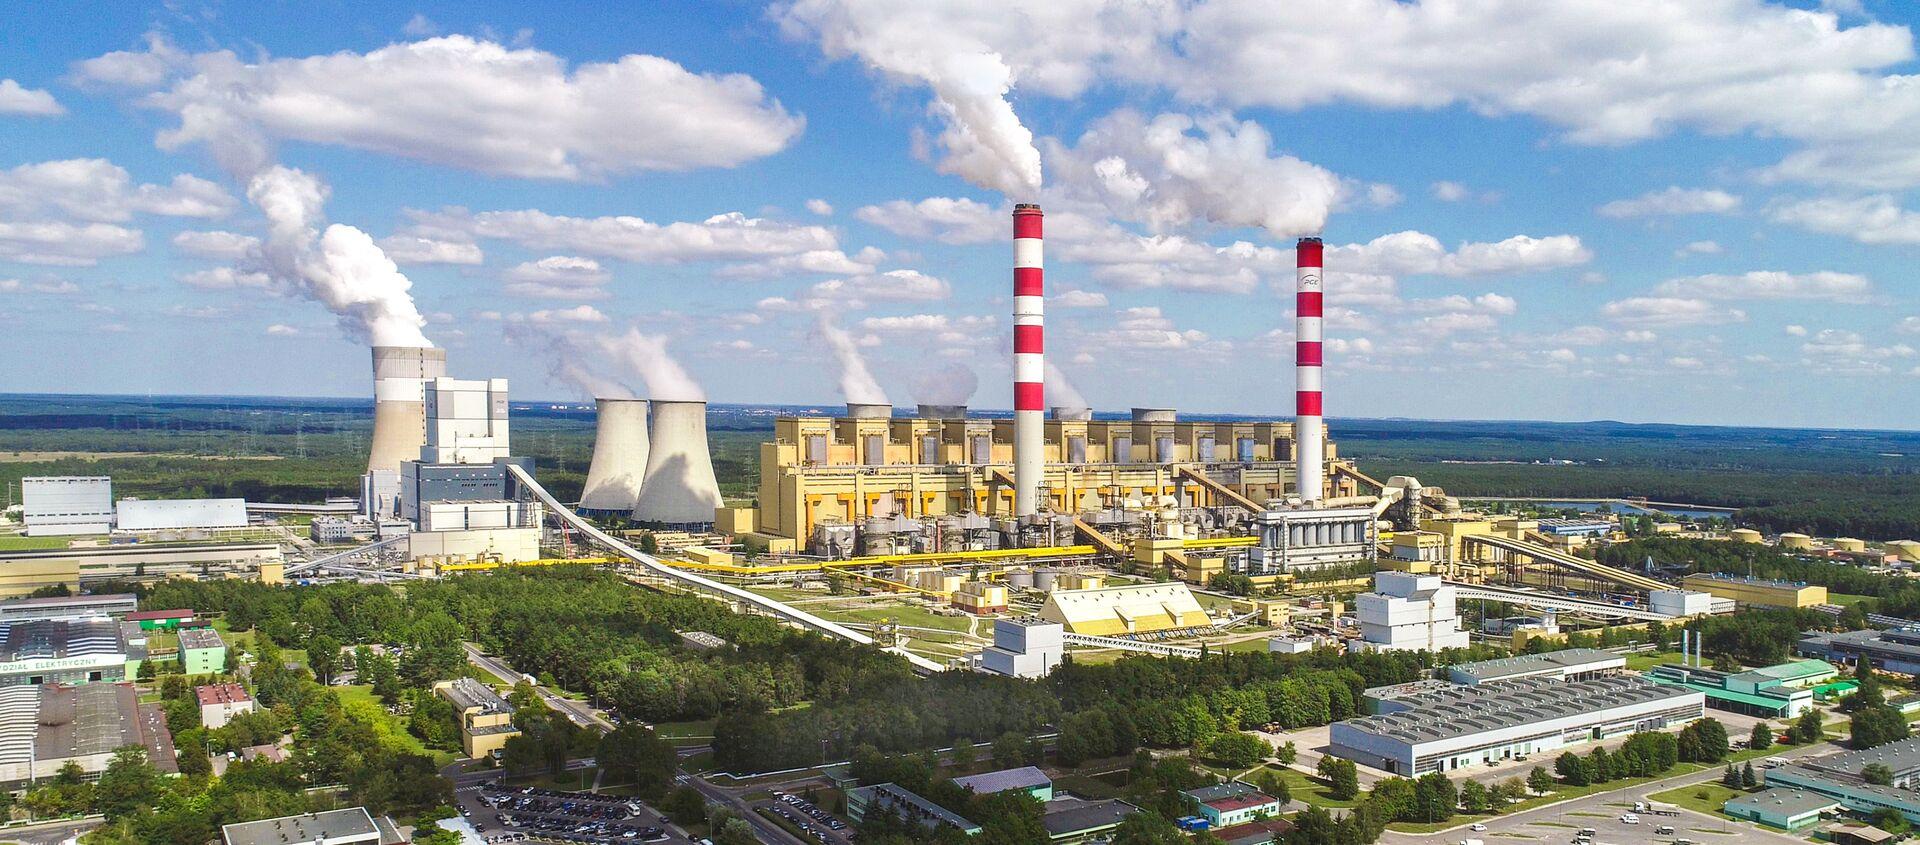 Elektrownia w Bełchatowie - Sputnik Polska, 1920, 23.05.2021